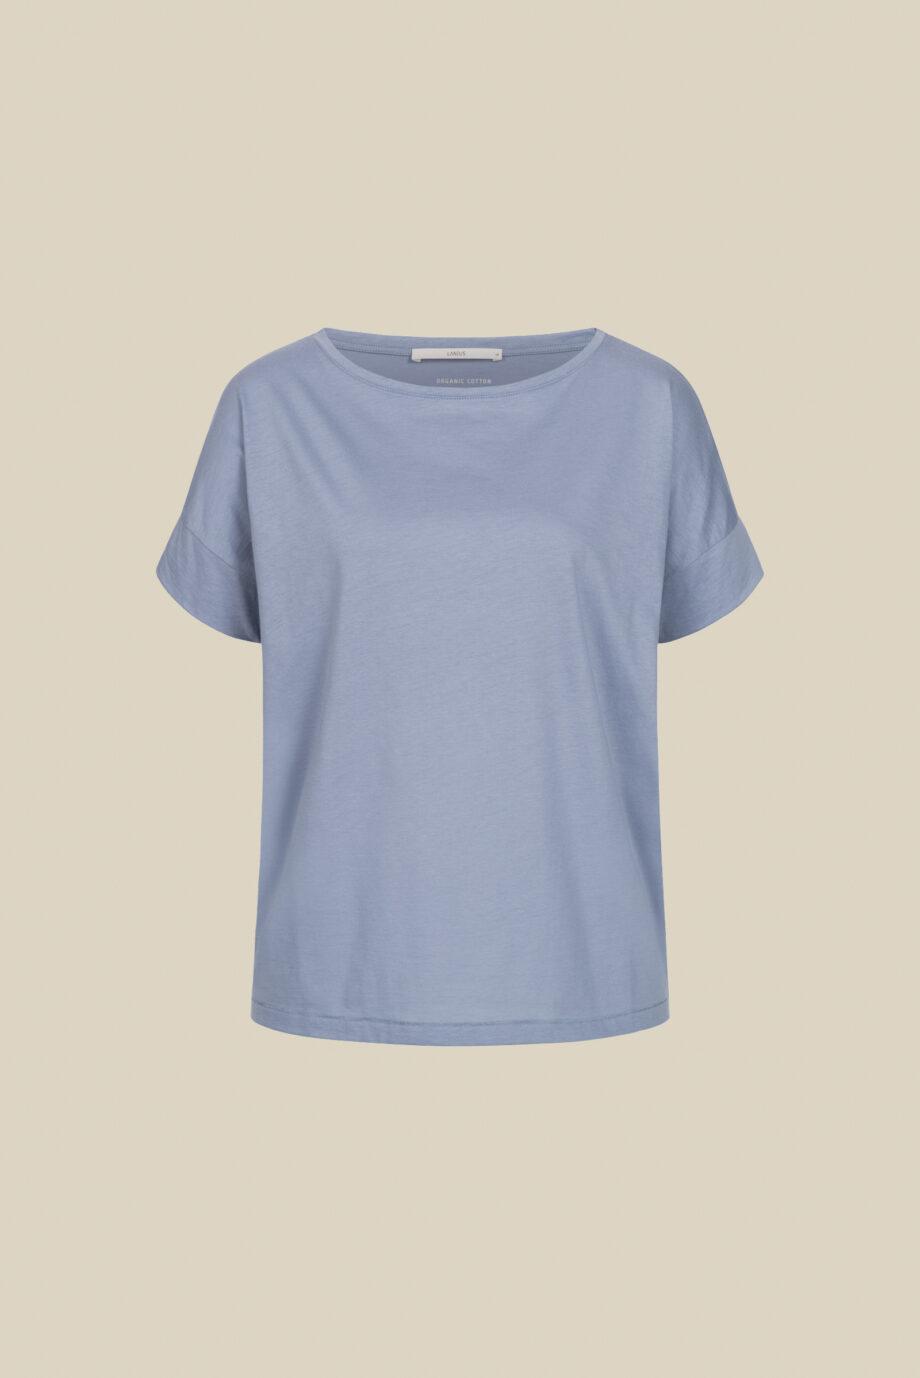 Lanius_Shirt Sky_lichtblauw_los